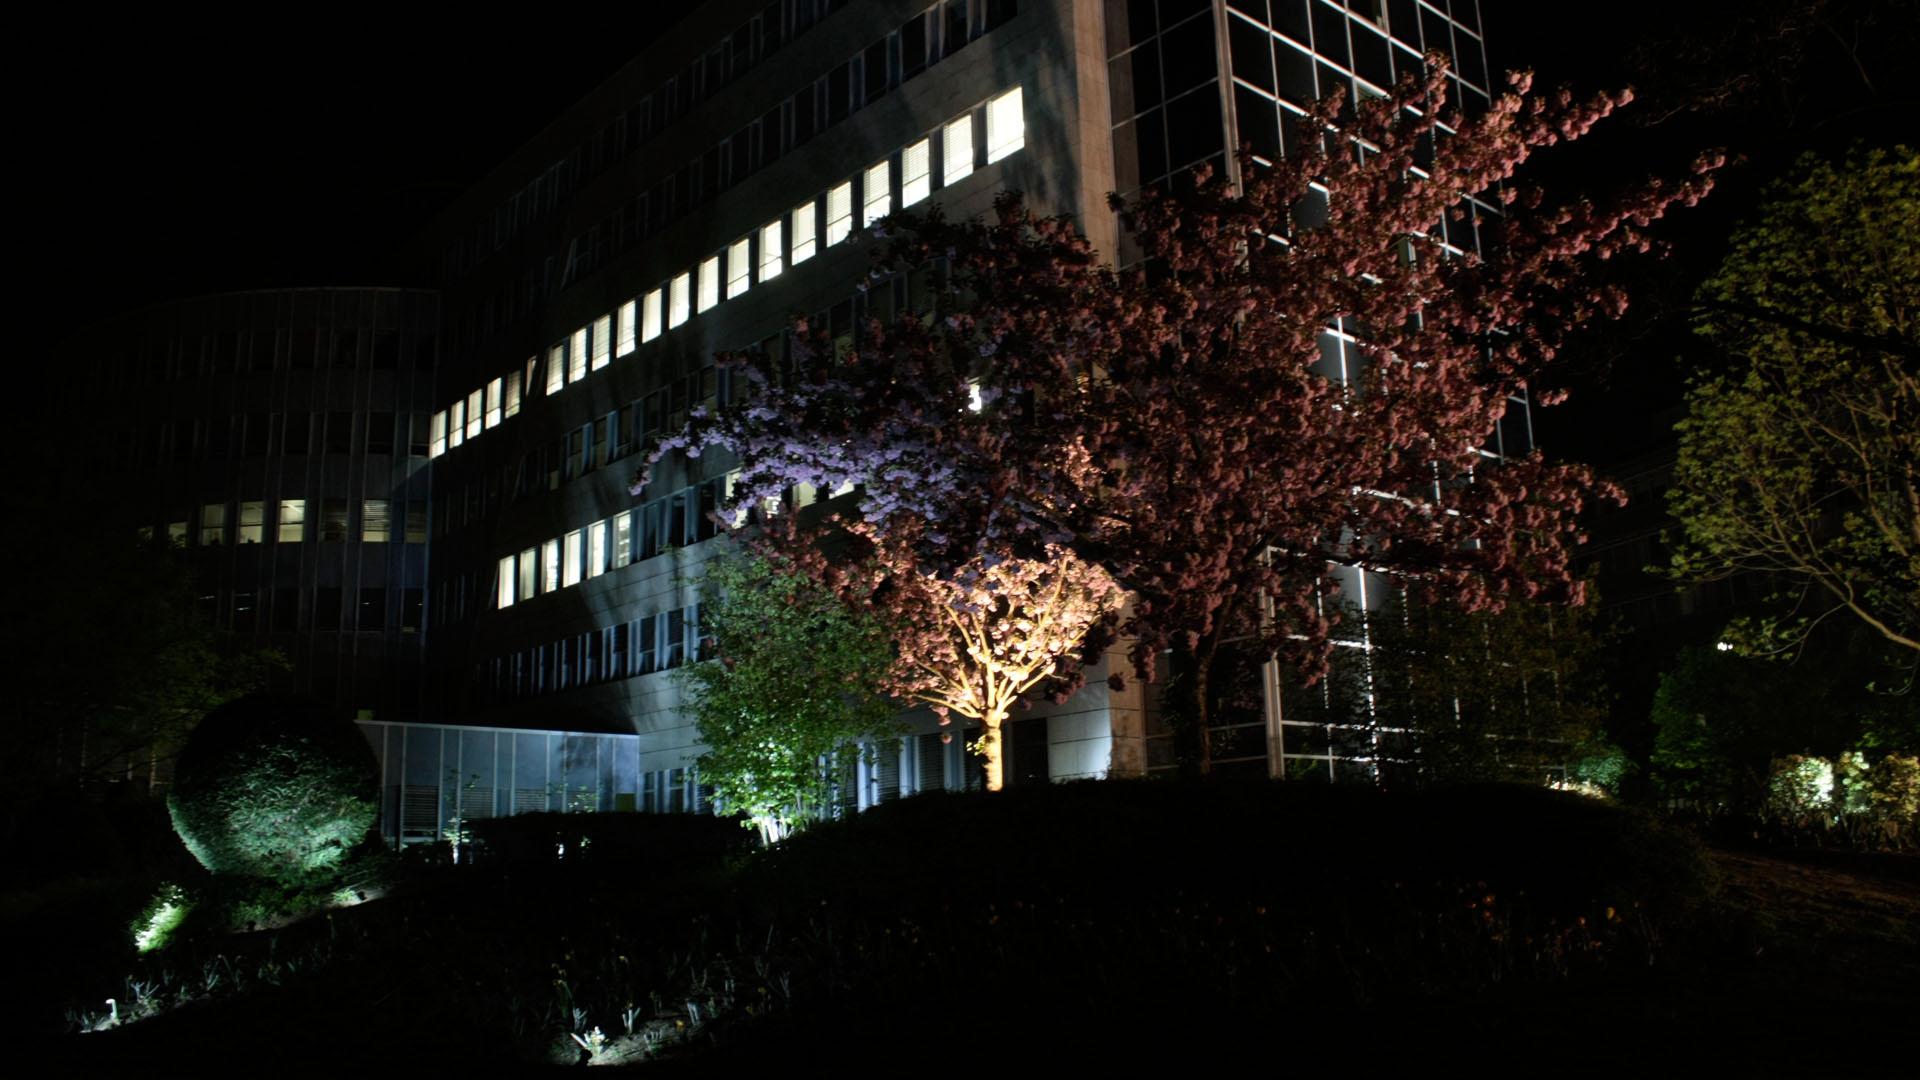 MAASS-Lichtplanung_Lichtplanung für Fassade und Freiflächen__02_Olof-Palme-Straße_Slideshow_02